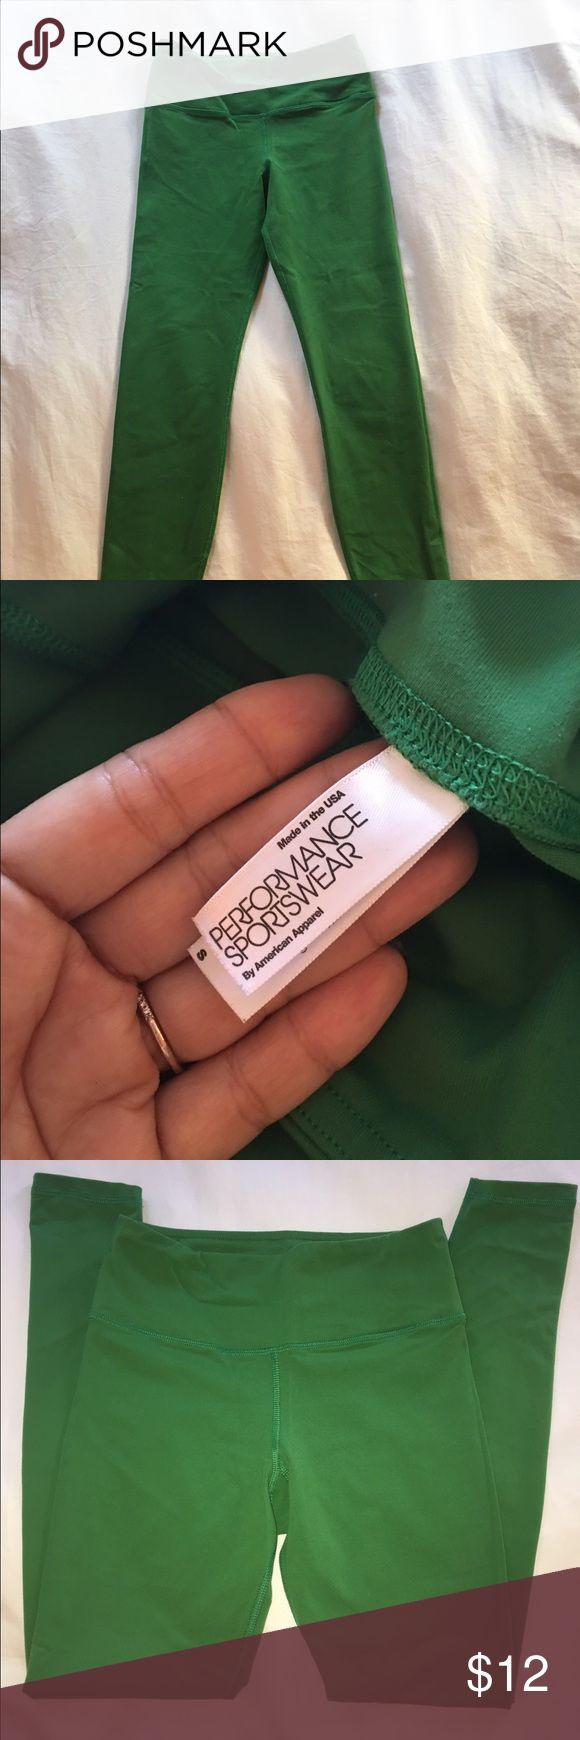 American Apparel full length Yoga Pants Never been worn Yoga pants in emerald green. Full length American Apparel Pants Leggings